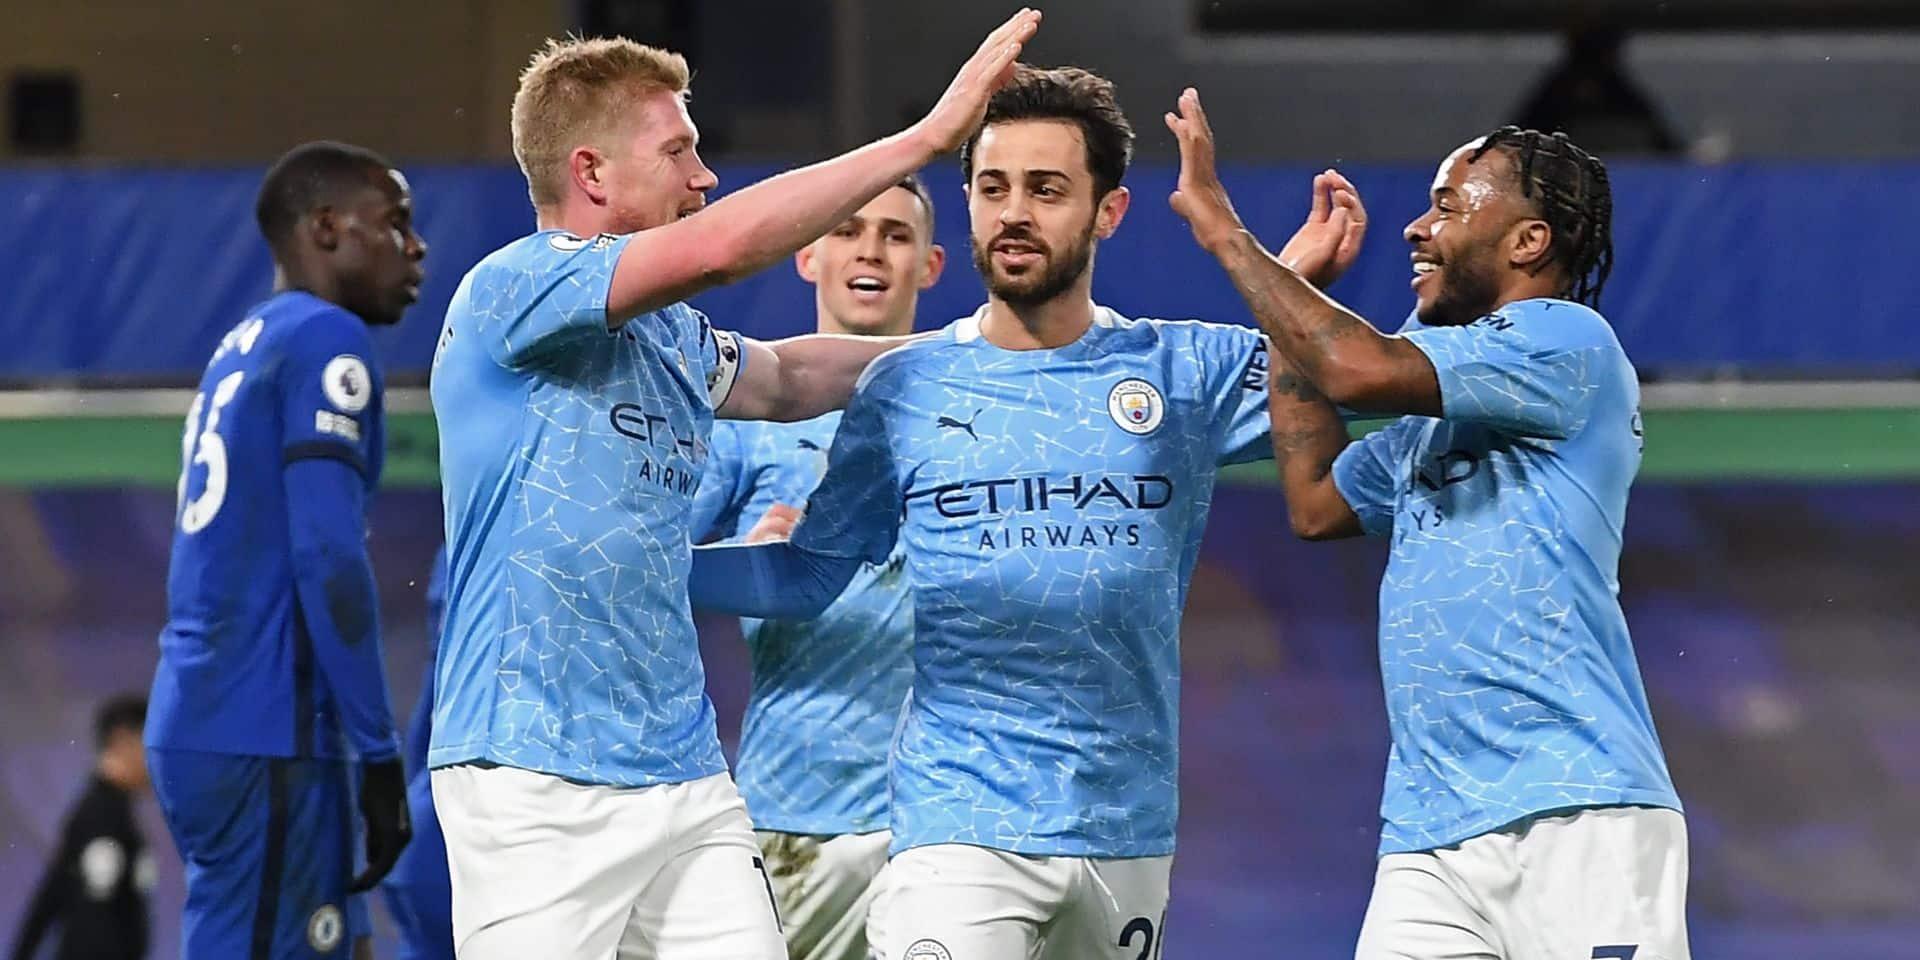 Journal du mercato (04/01): Kevin De Bruyne devrait prolonger à Manchester City qui rêve de Sergio Ramos